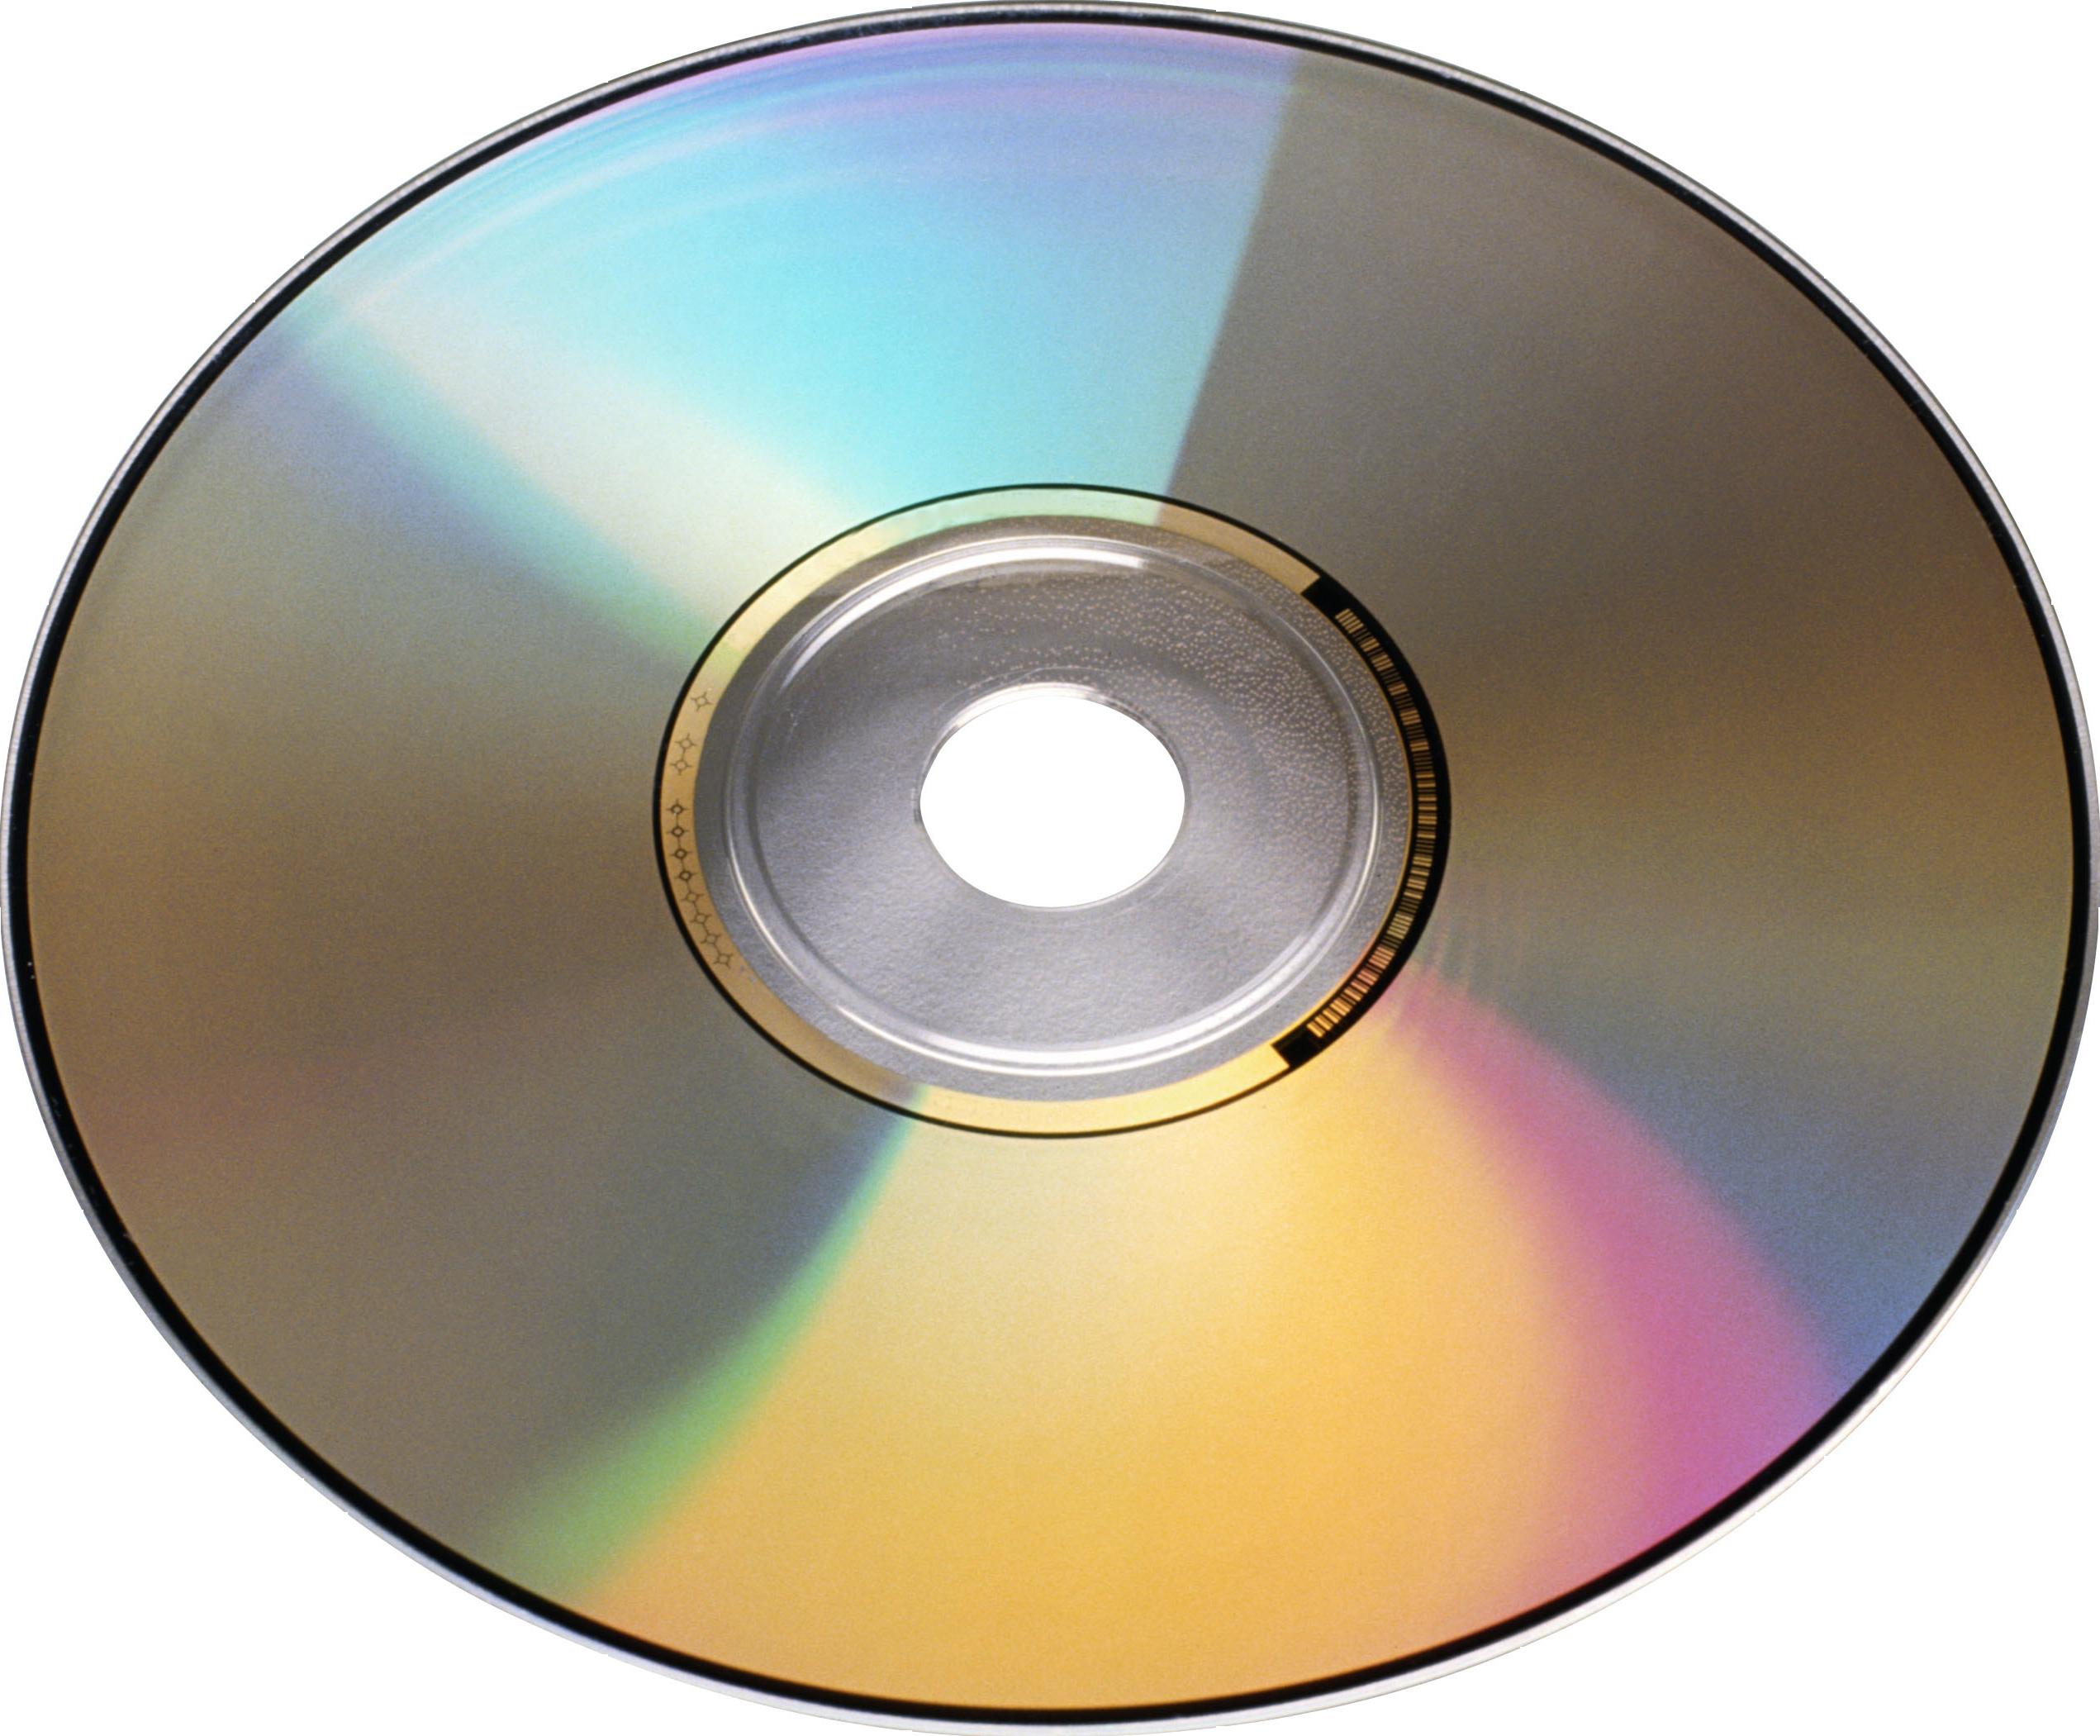 очень чем изображают картинки на диске нагрузки